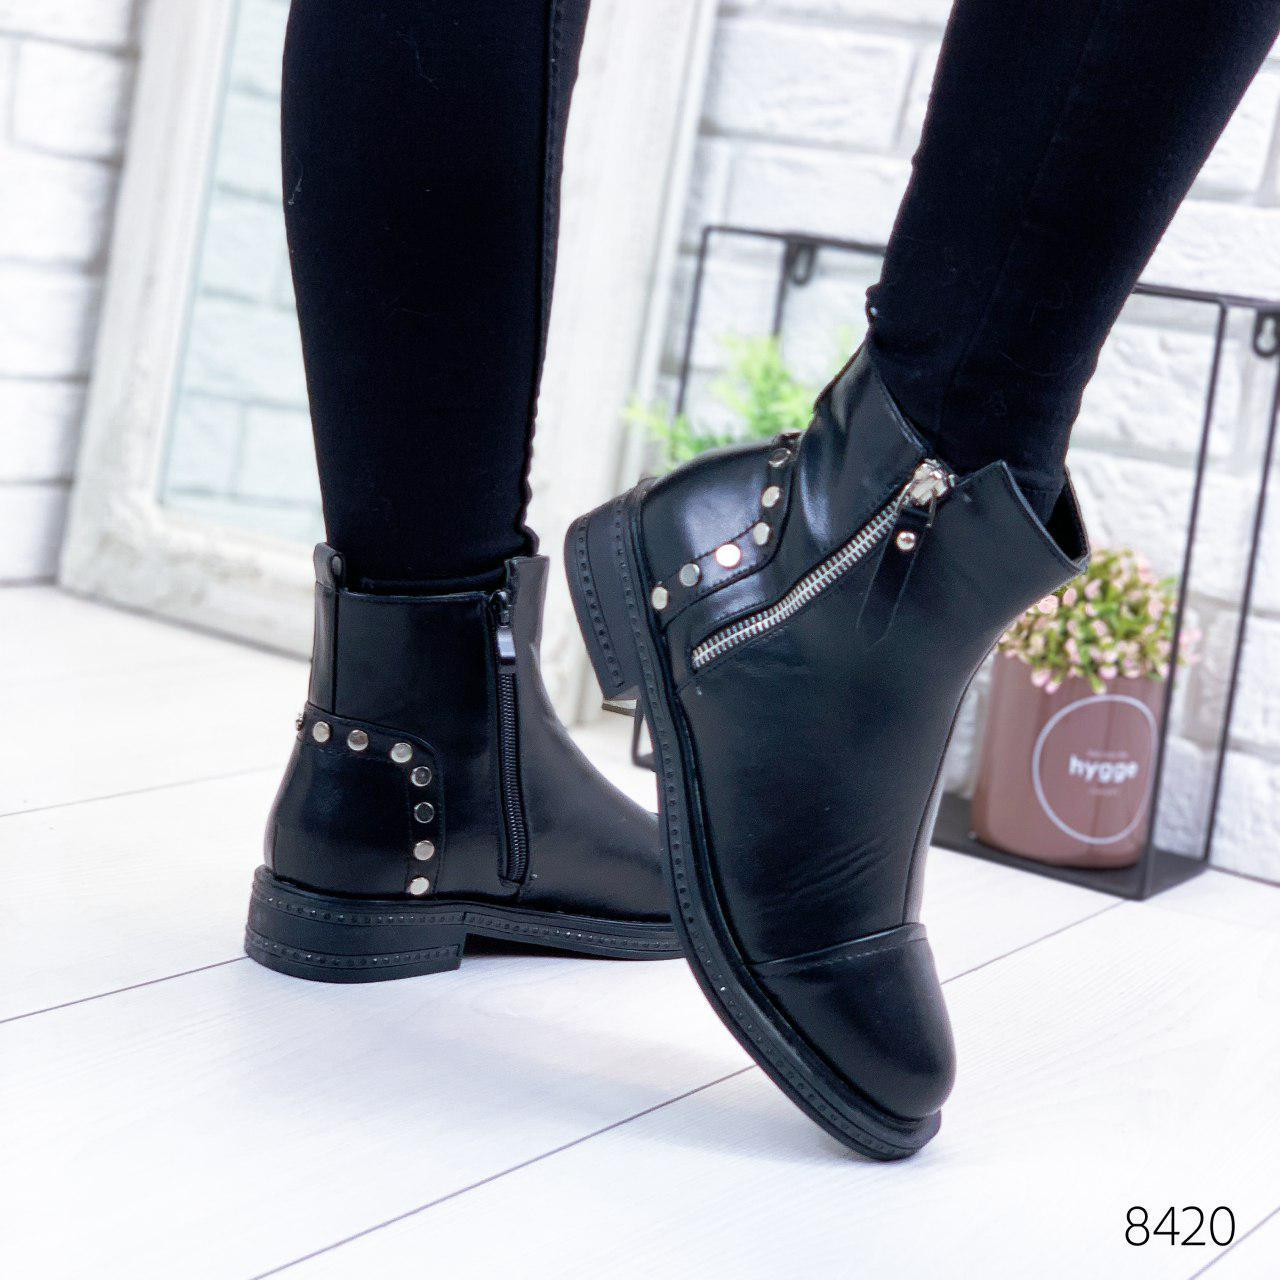 """Ботинки женские демисезонные """"Rosone"""" черного цвета из эко кожи. Ботильоны женские. Ботильоны демисезон"""